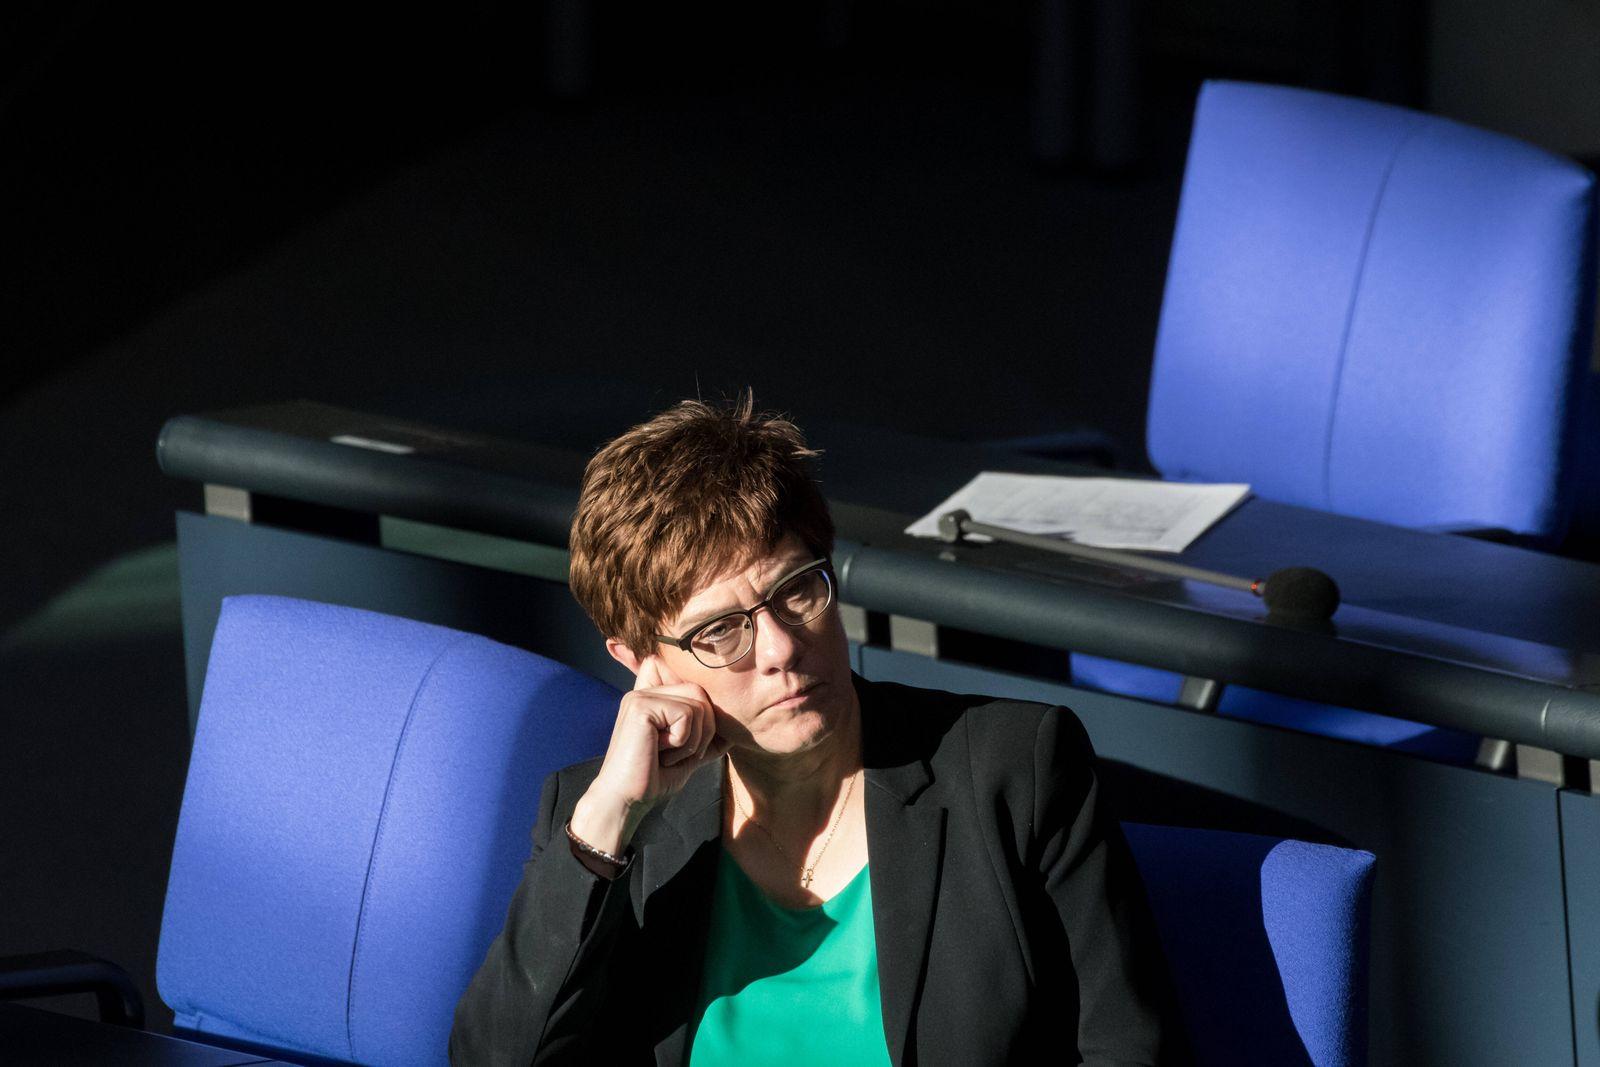 Berlin, Plenarsitzung im Bundestag Deutschland, Berlin - 25.03.2020: Im Bild ist Annegret Kramp-Karrenbauer (Verteidigu